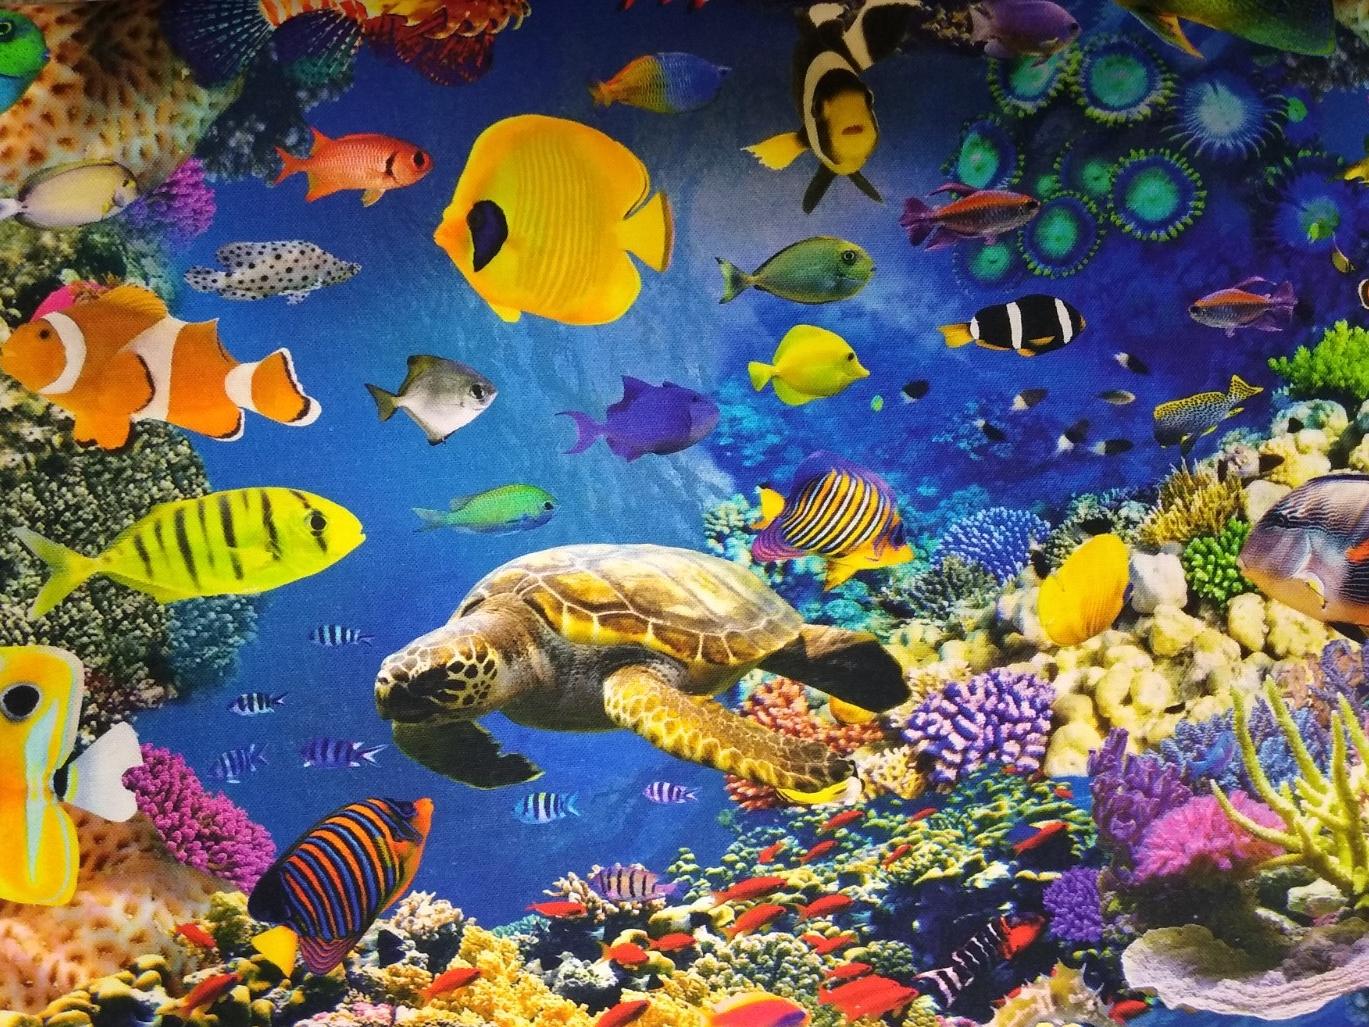 Canvas Ozean, 100% Baumwolle, 140cm breit, 0.5m 9.50€